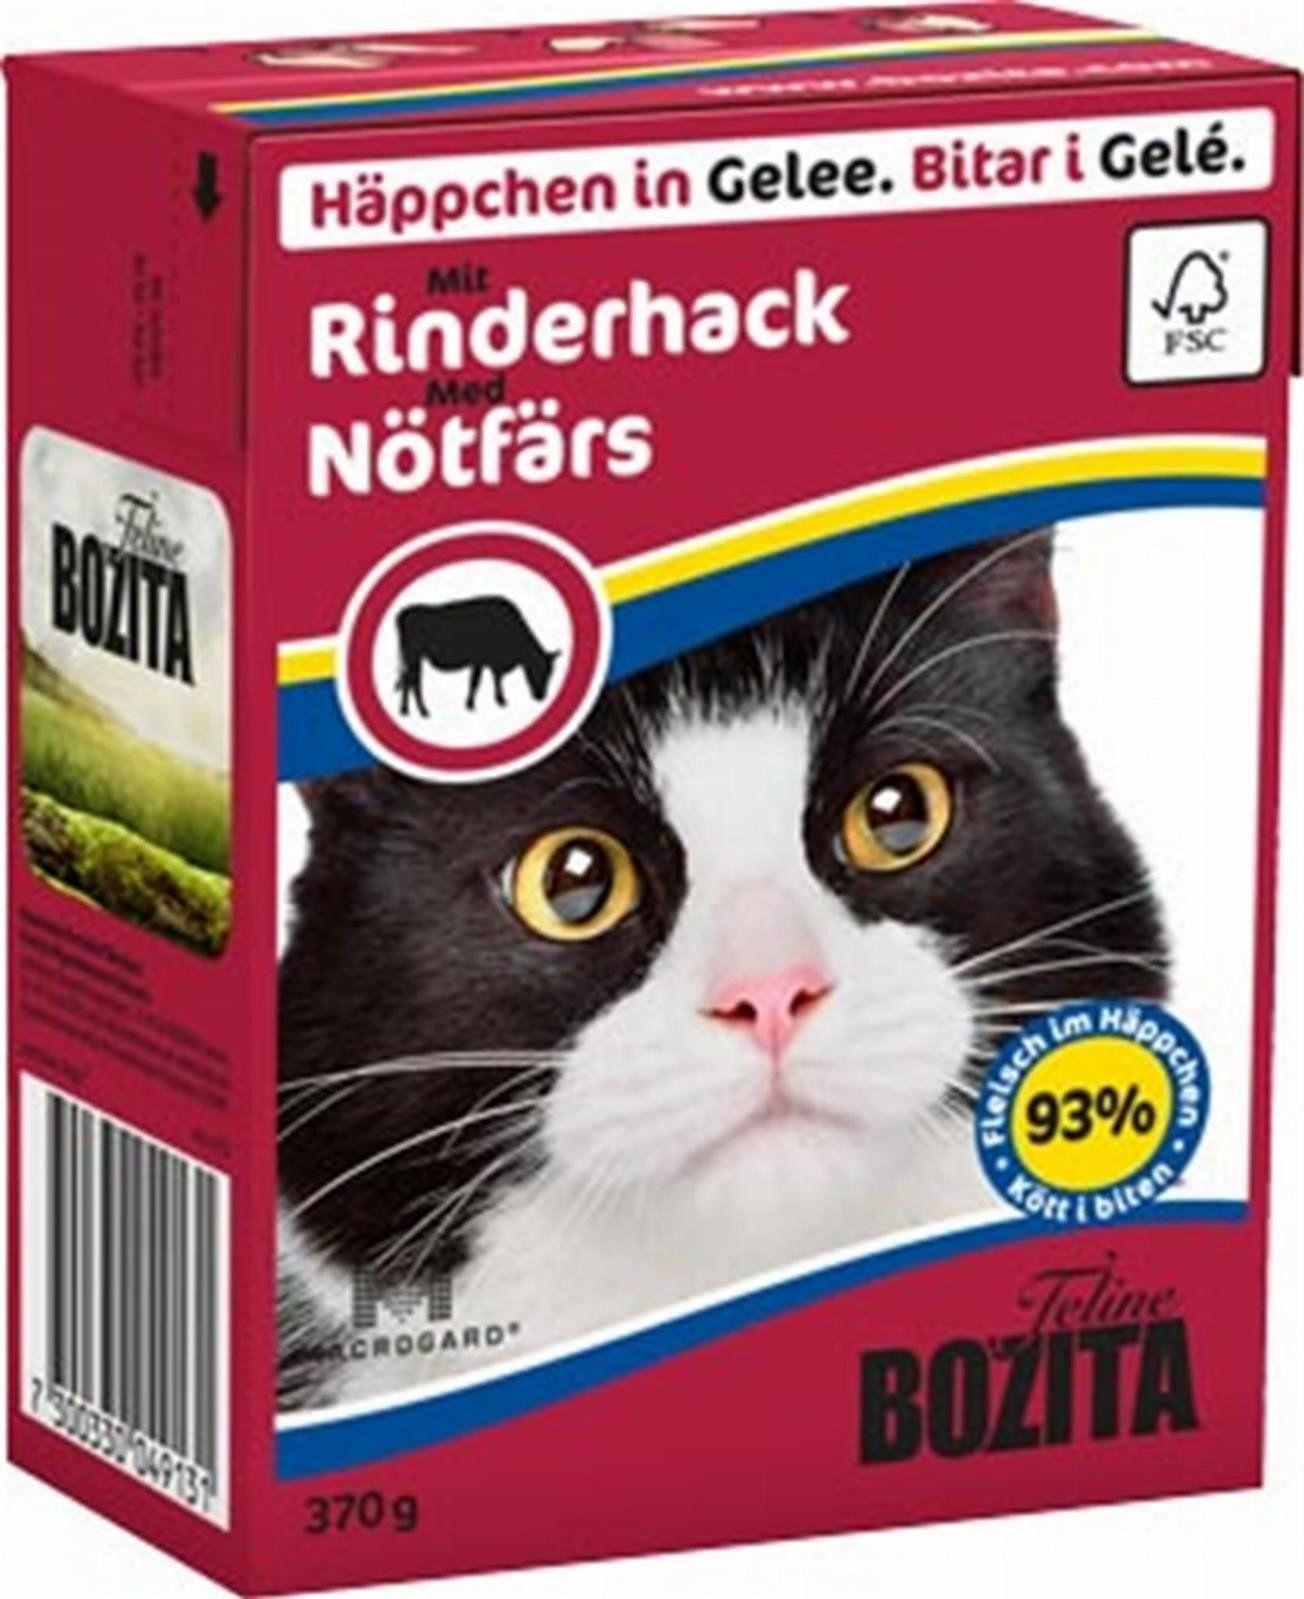 Bozita Feline 370g Wołowina w Galaretce